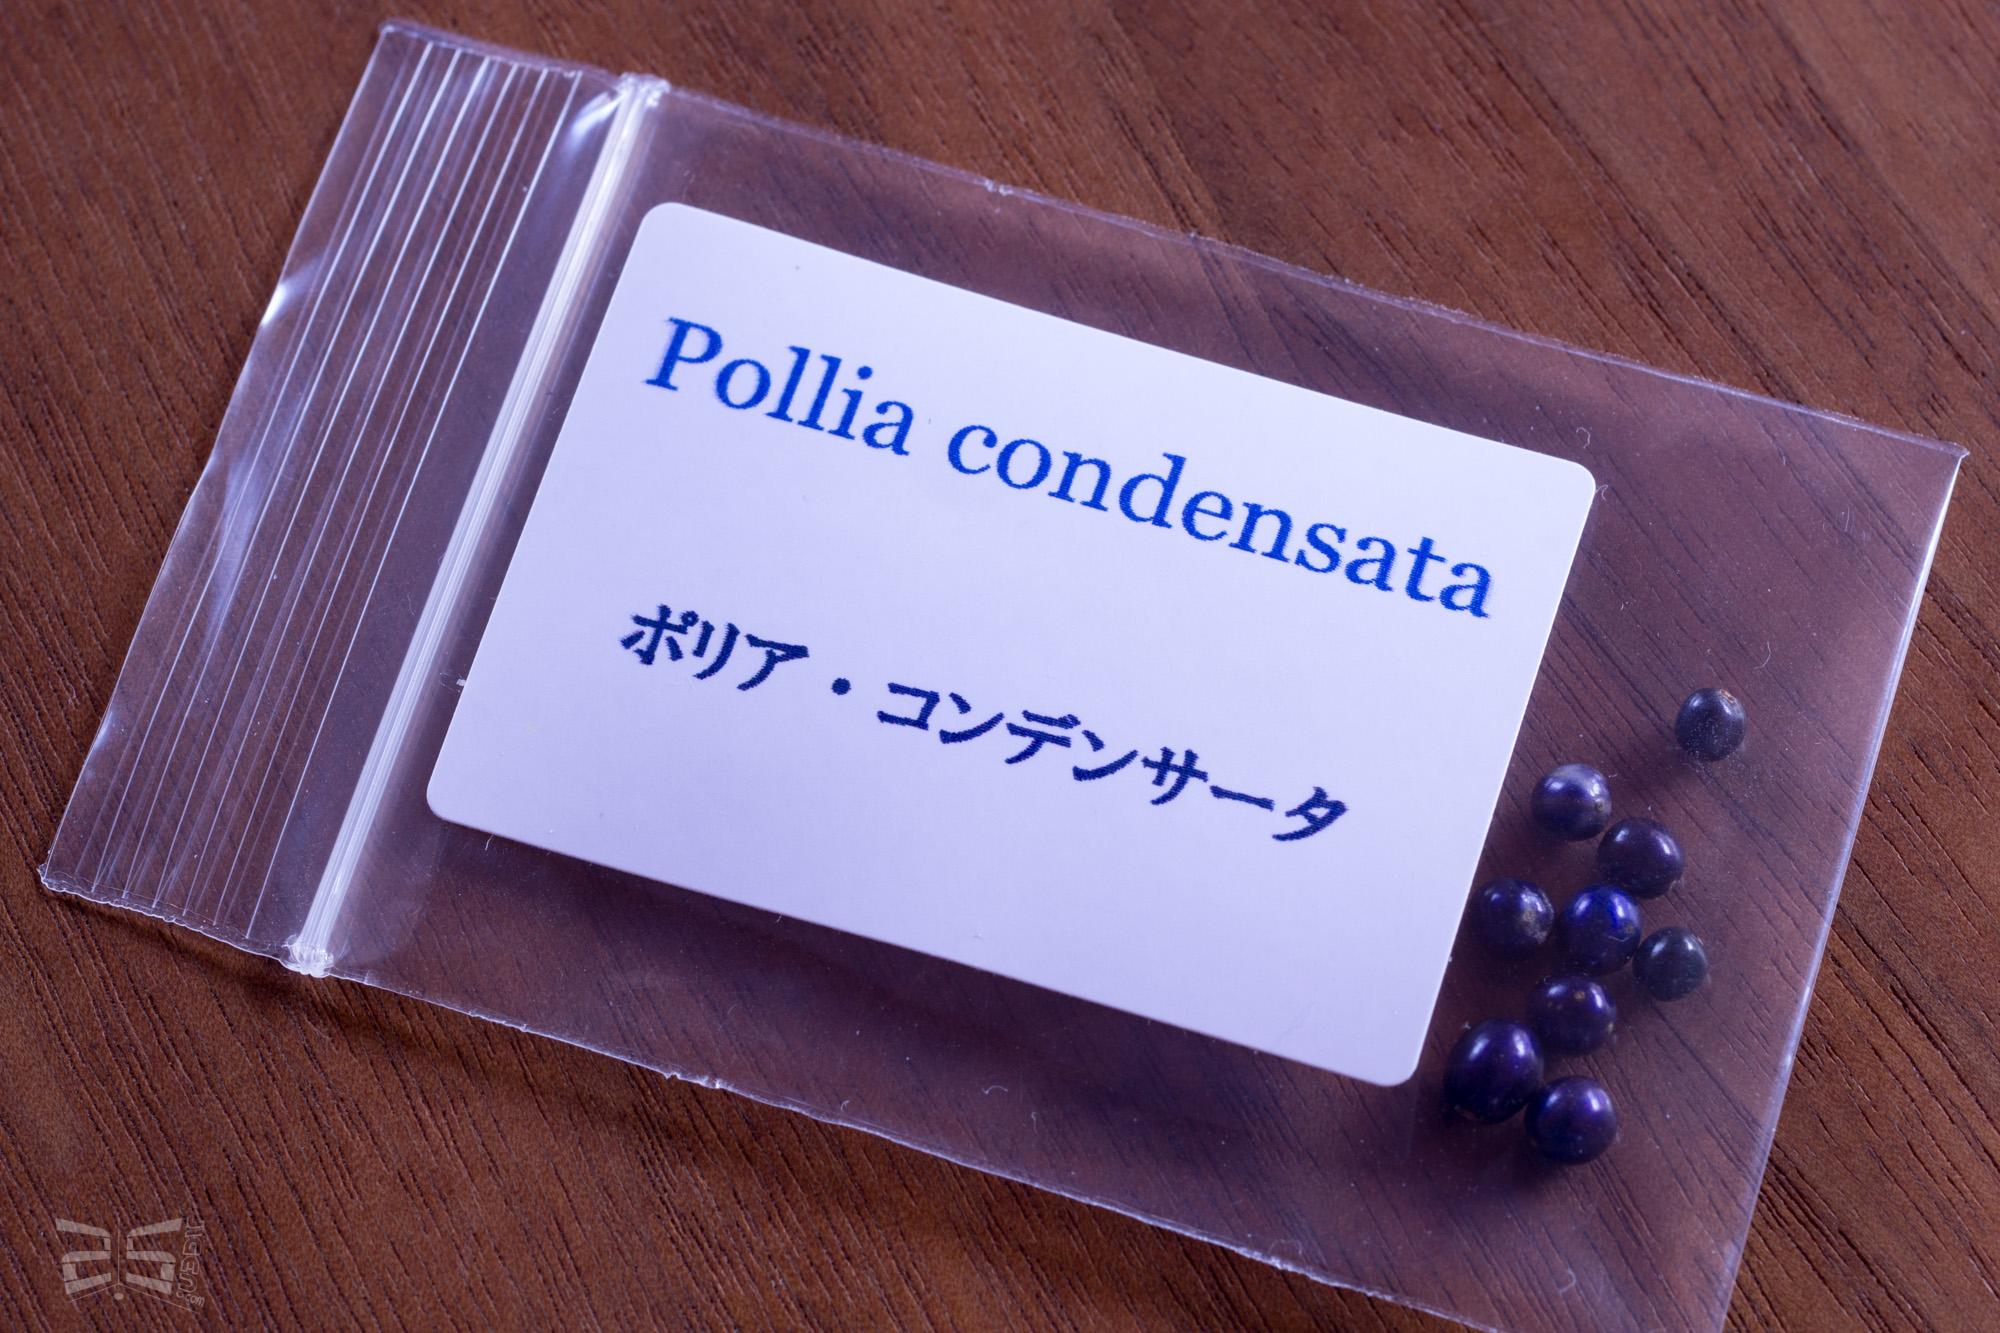 ポリア・コンデンサータ(Pollia condensata)の種子購入